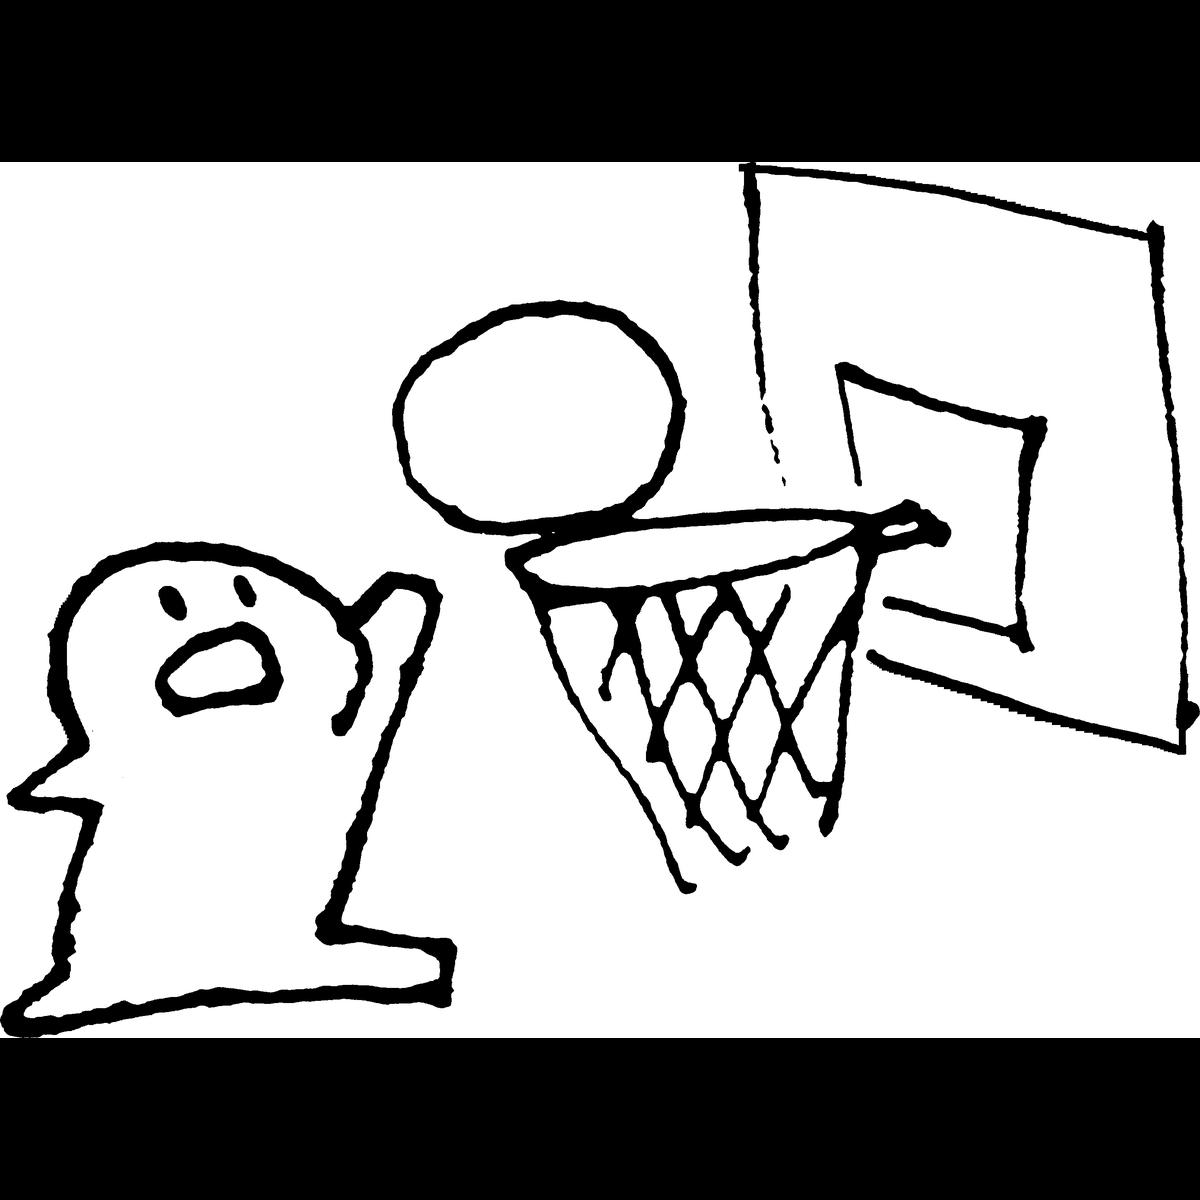 バスケットボールのイラスト てがきですのb かわいい ゆるい無料イラスト